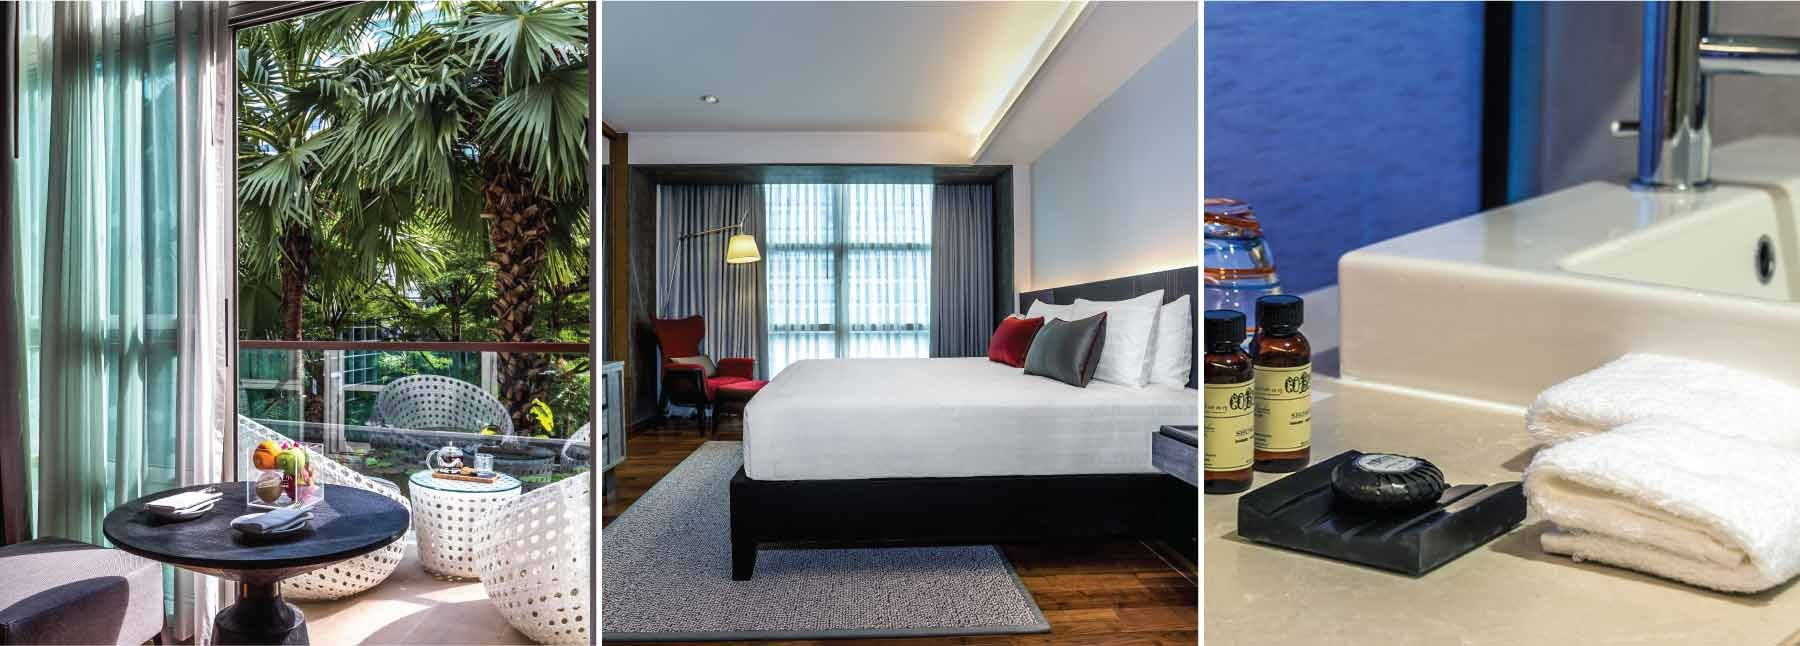 โปรโมชั่นโรงแรมกรุงเทพ